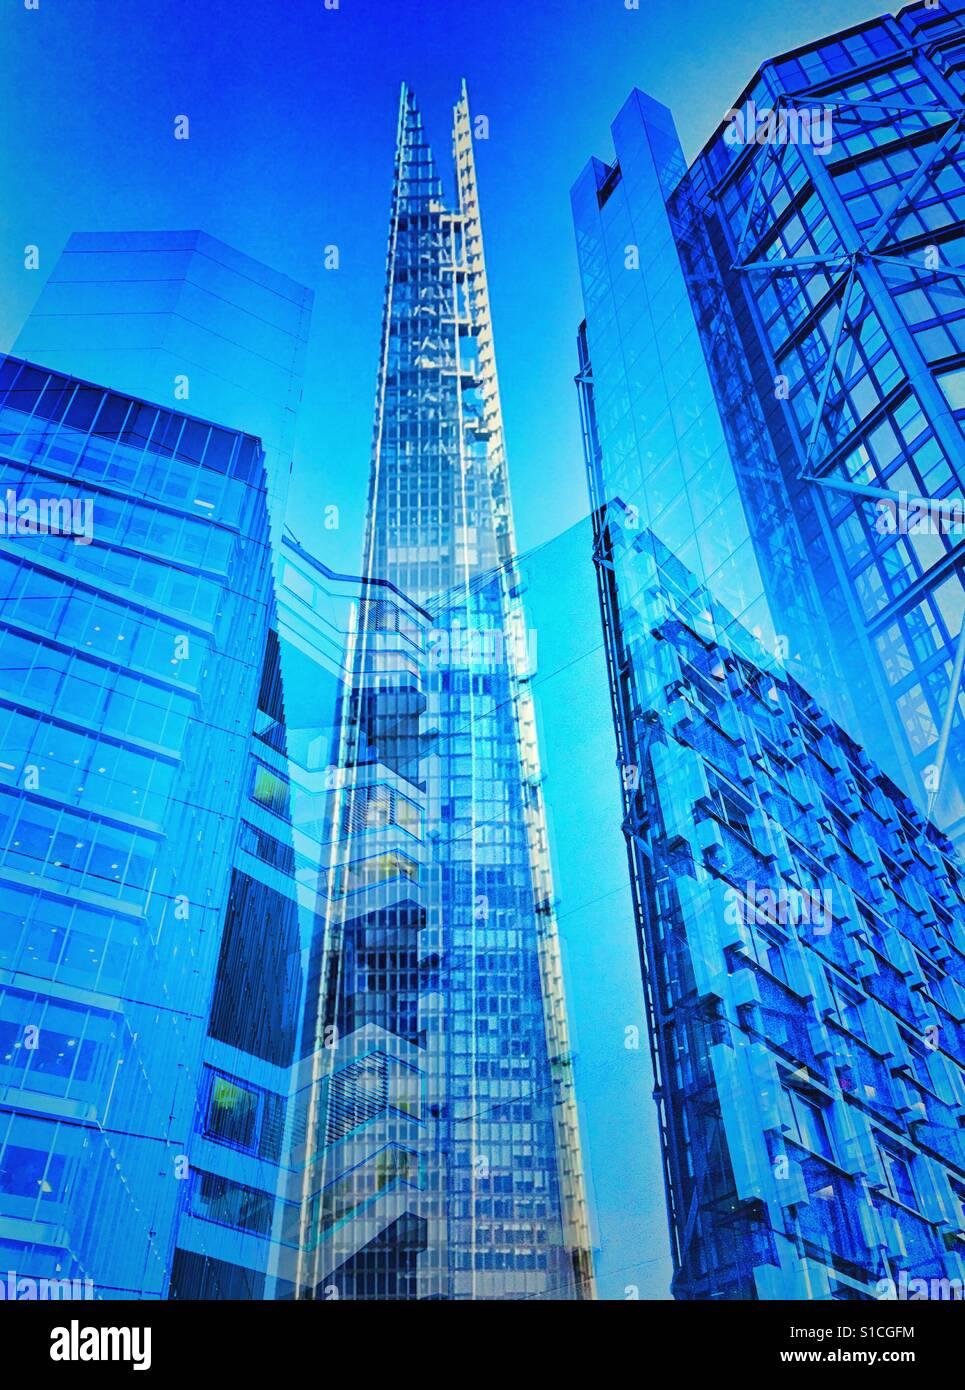 El Shard y otros edificios en Londres se muestra como una imagen abstracta Imagen De Stock